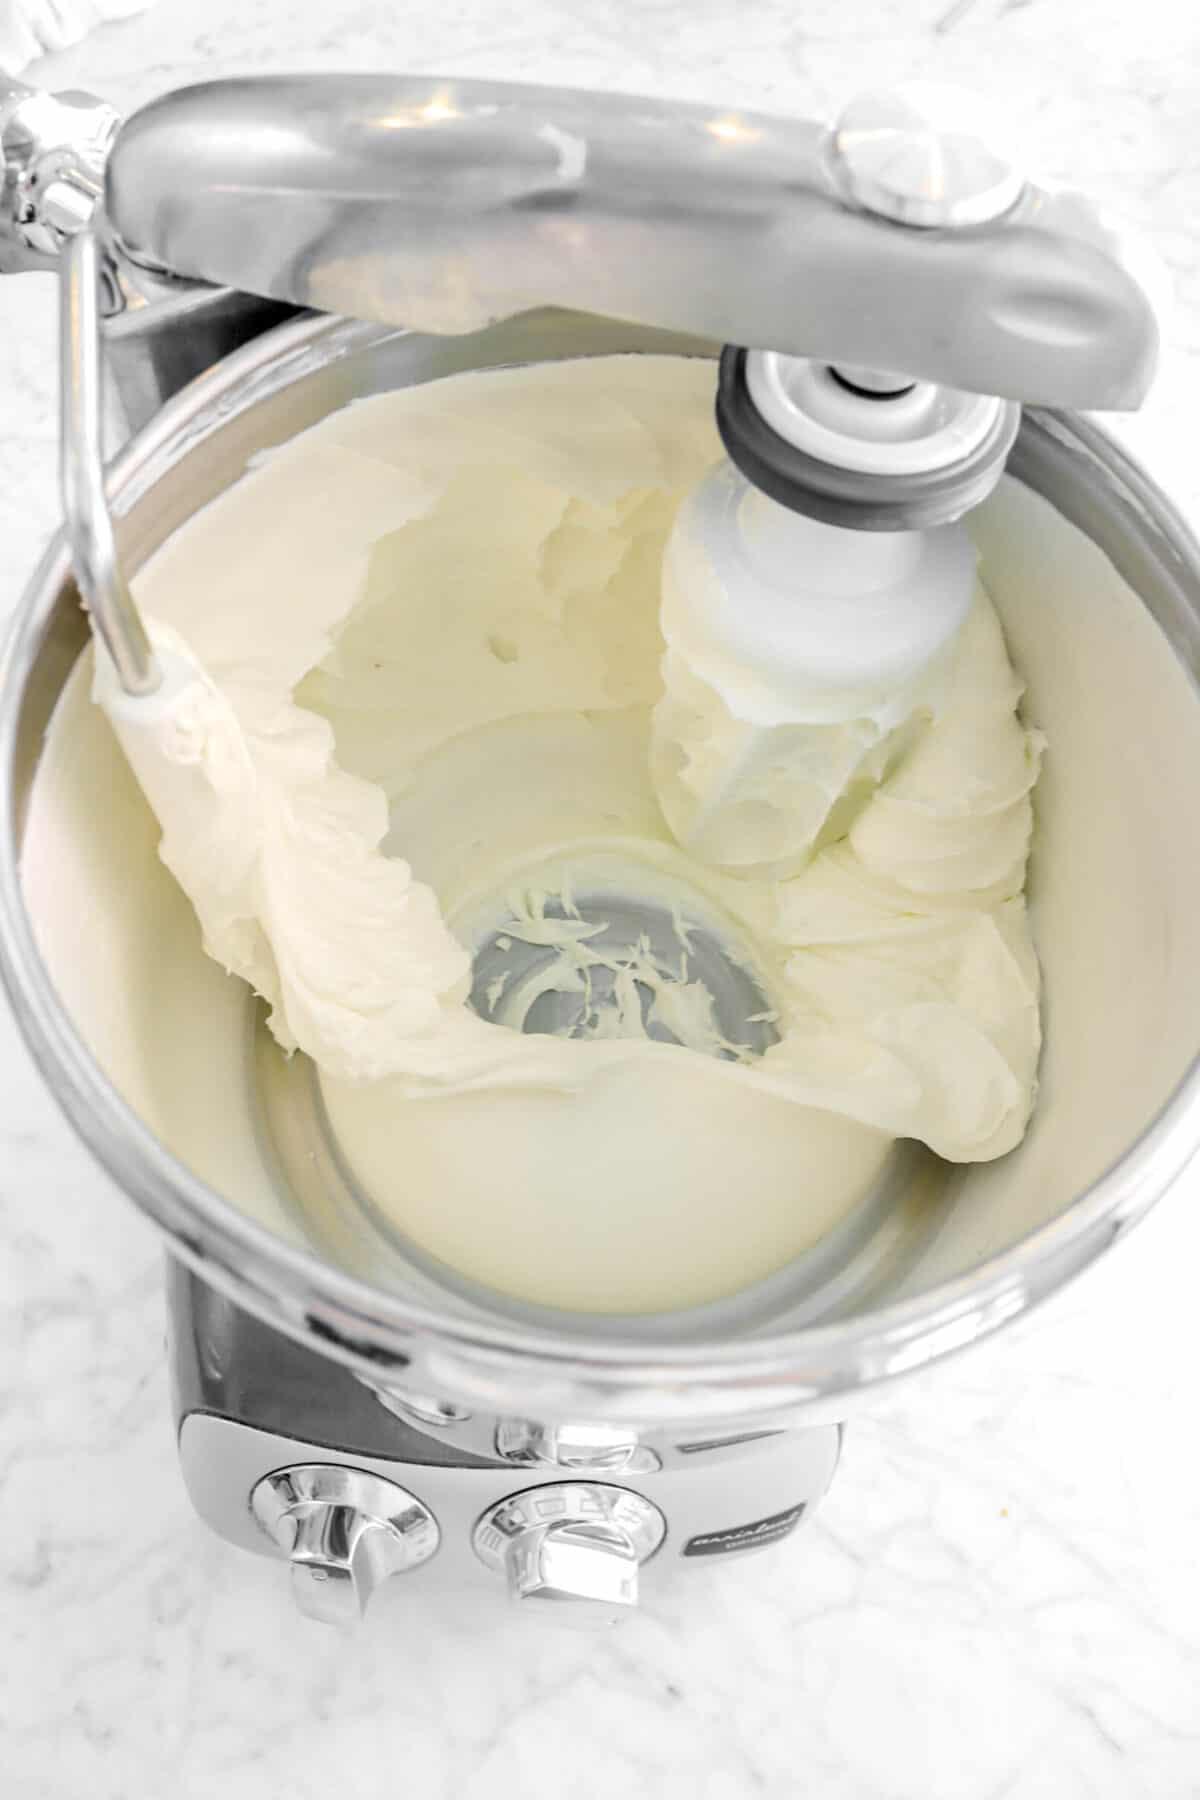 sugar stirred into cream cheese